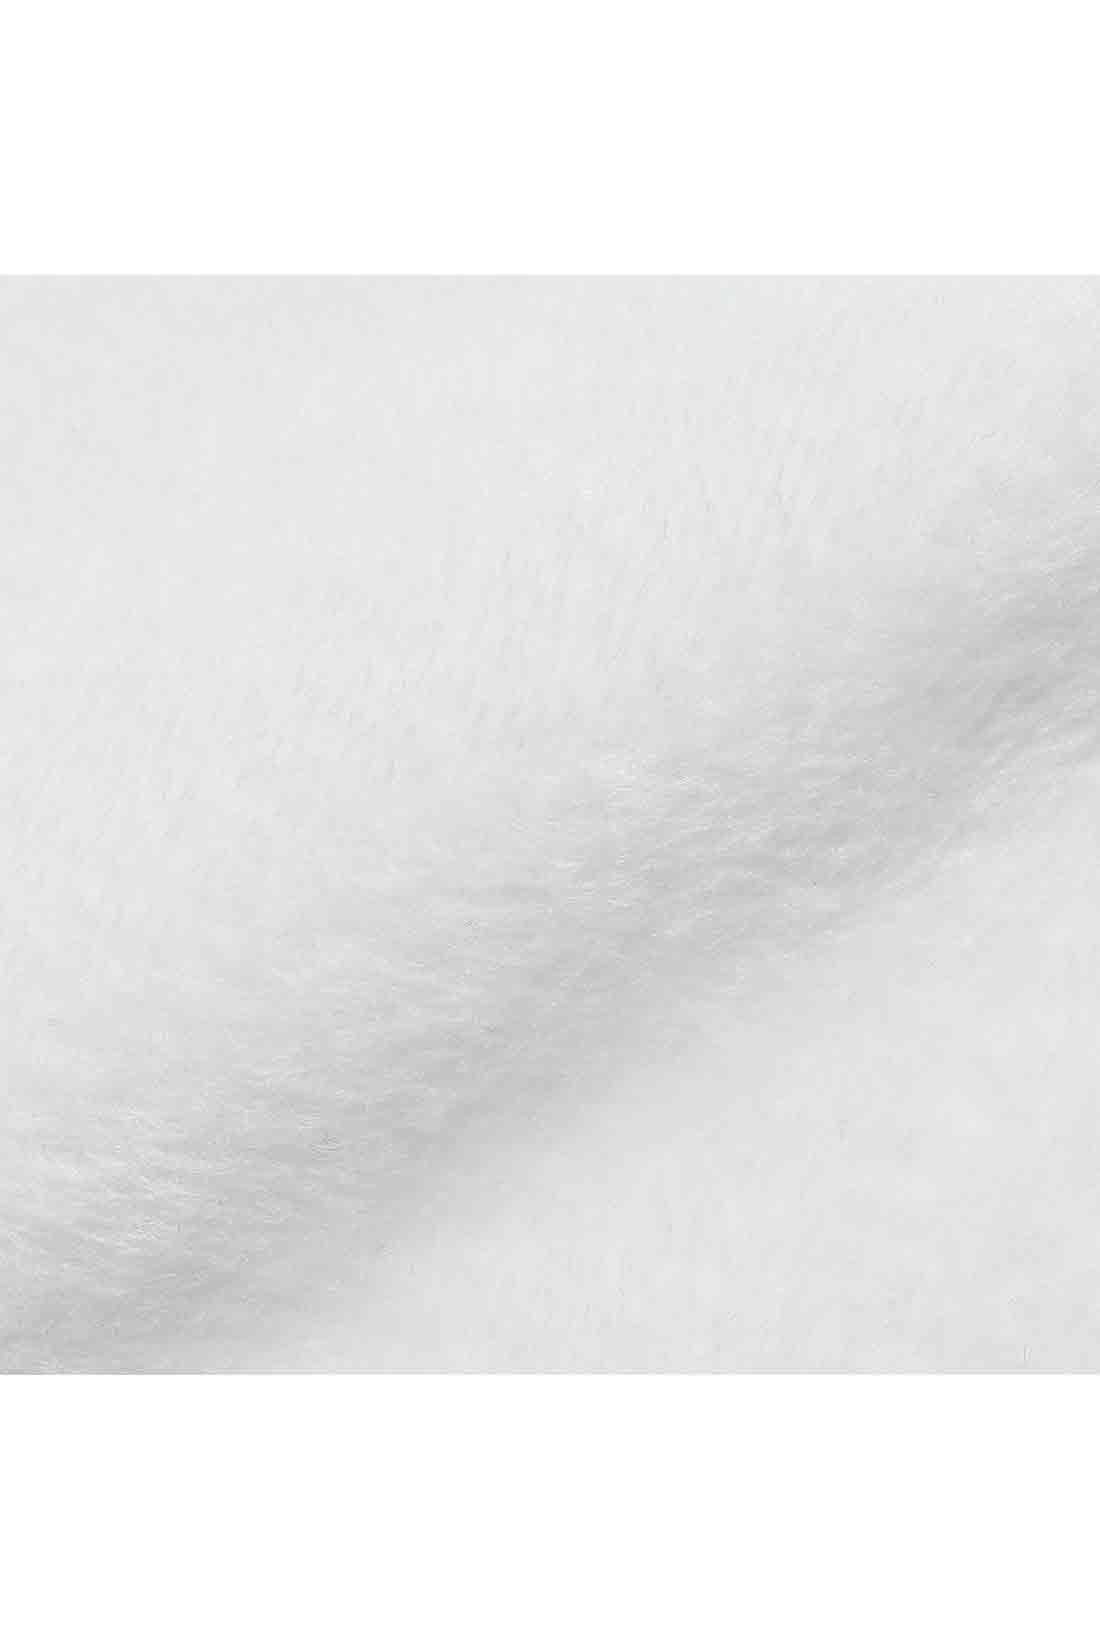 裏シャギーでぬくぬく 裏面はシャギー素材だから腰まわりから太ももまでぬくもりをキープ。